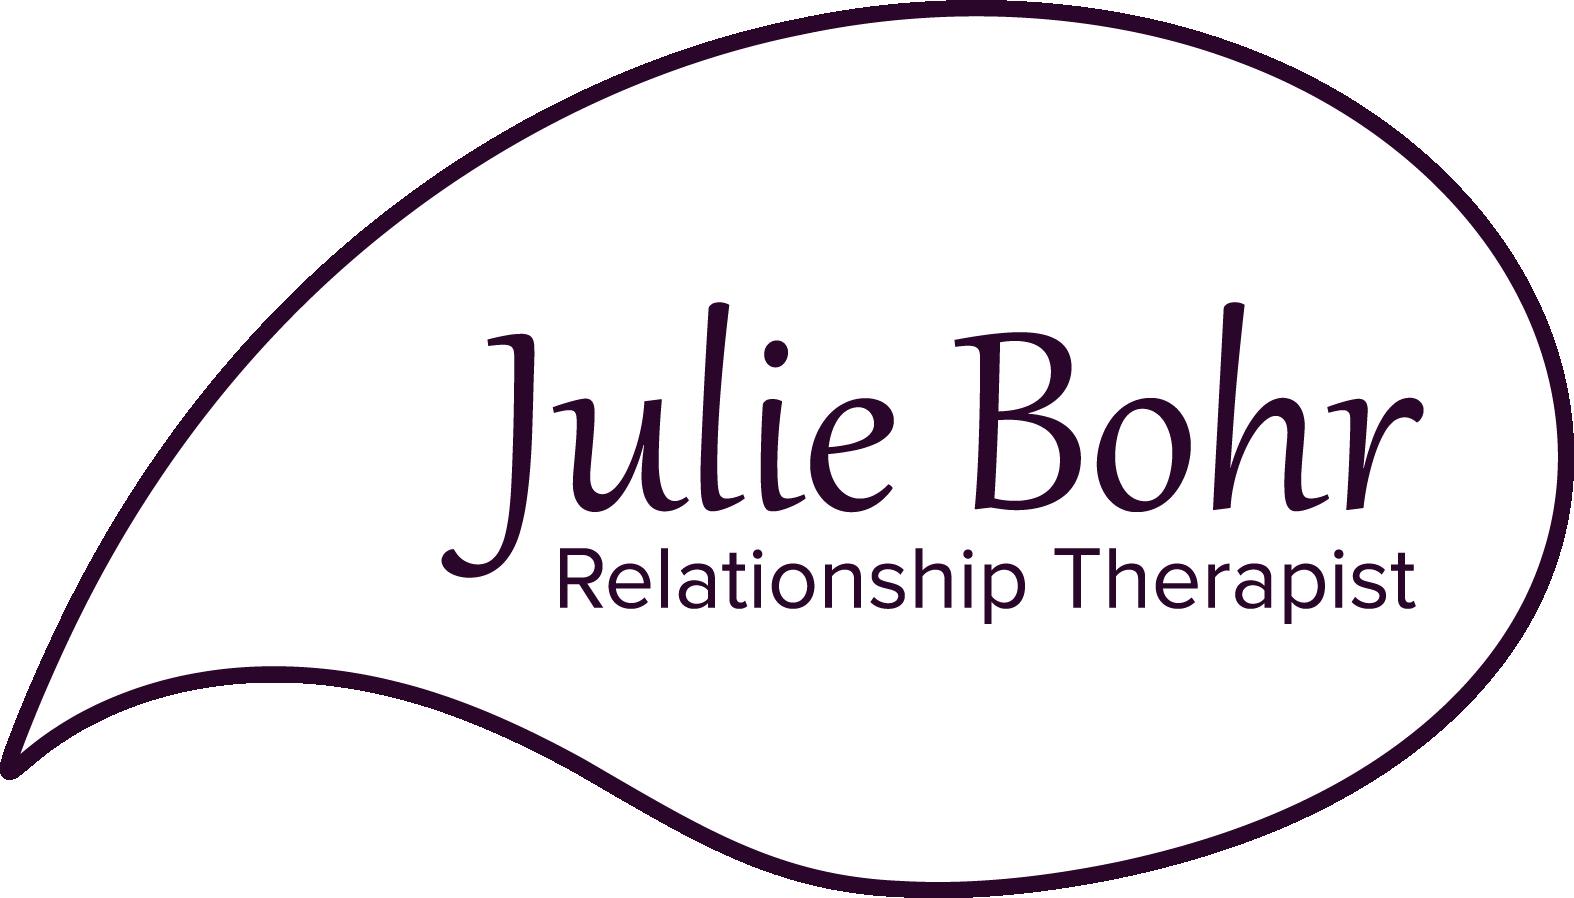 Julie Bohr